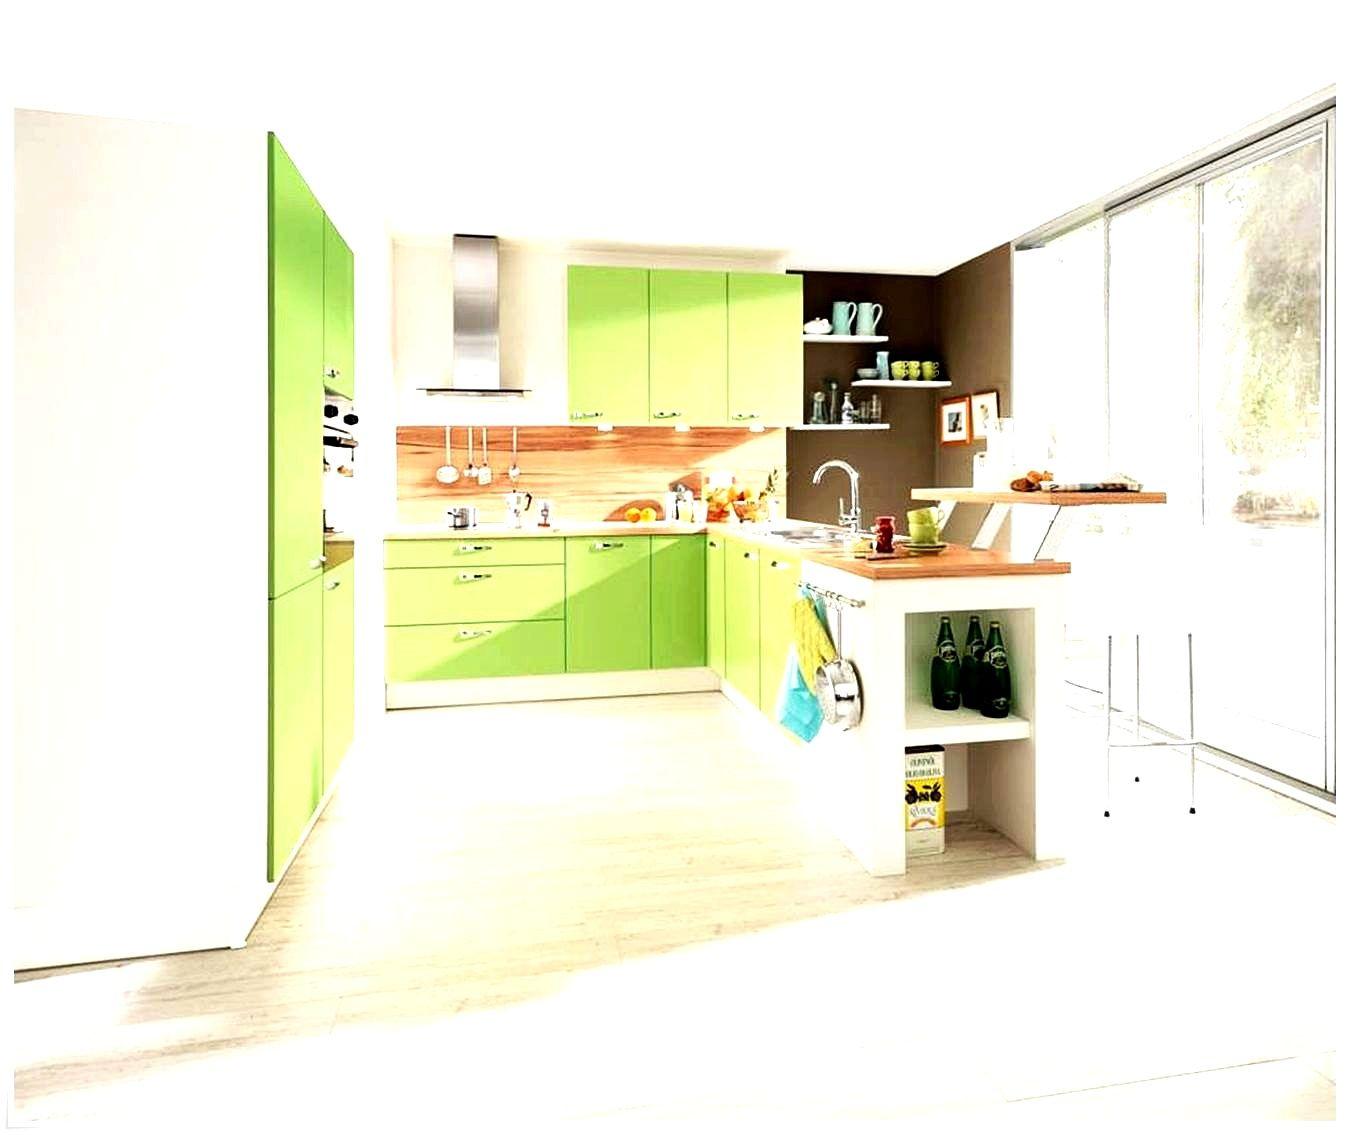 46 Neu Küche Team 7 Sofa, Home decor, Kitchen